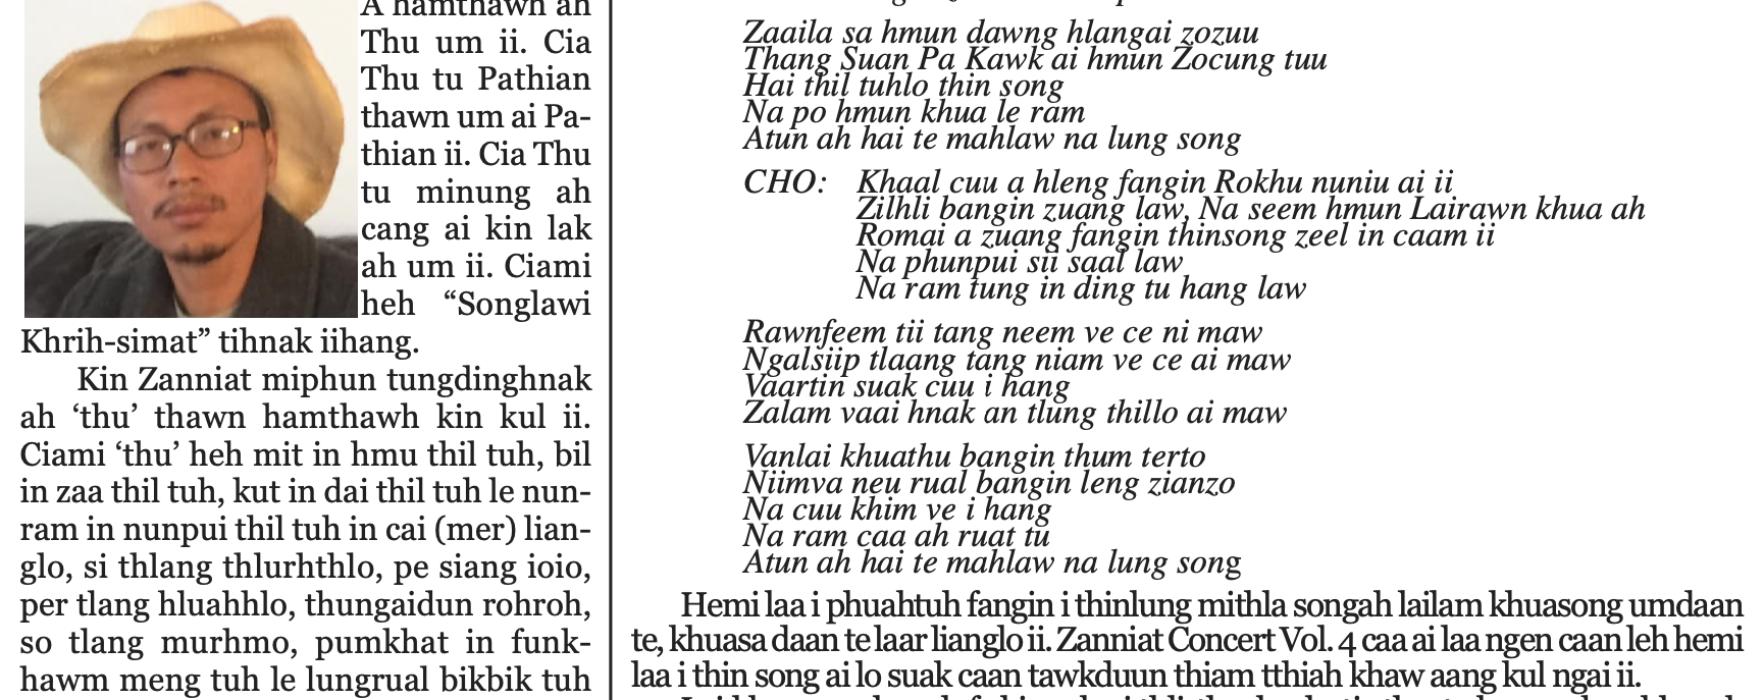 Zanniat Auaw 2021 January Vol-5 Issue-1